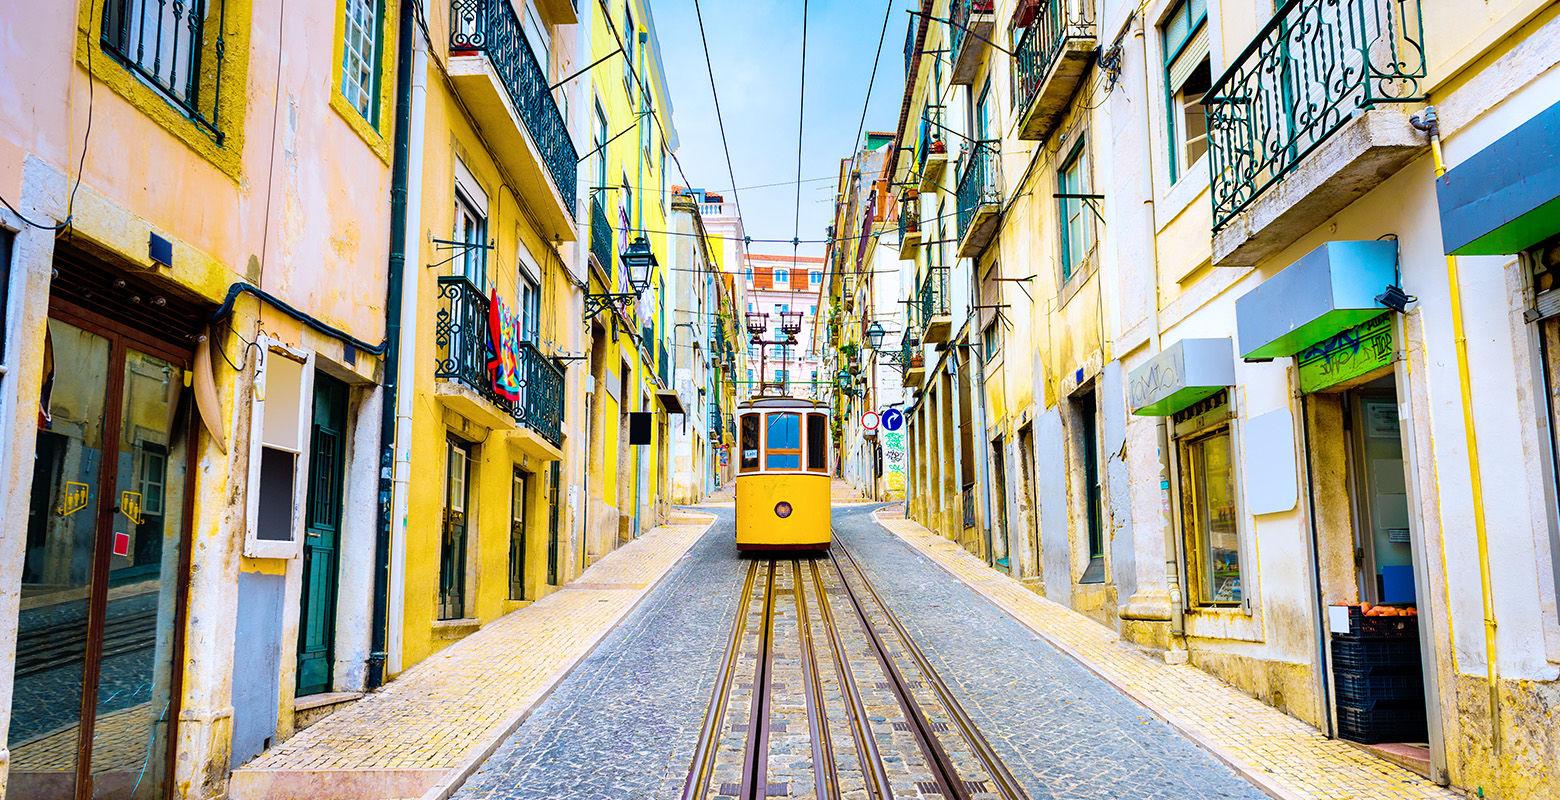 3 jours / 2 nuits à l'hôtel Neya Lisboa 4* à Lisbonne + Vol A/R au départ de plusieurs villes à partir de 98.24€ (prix pour 2 personnes)